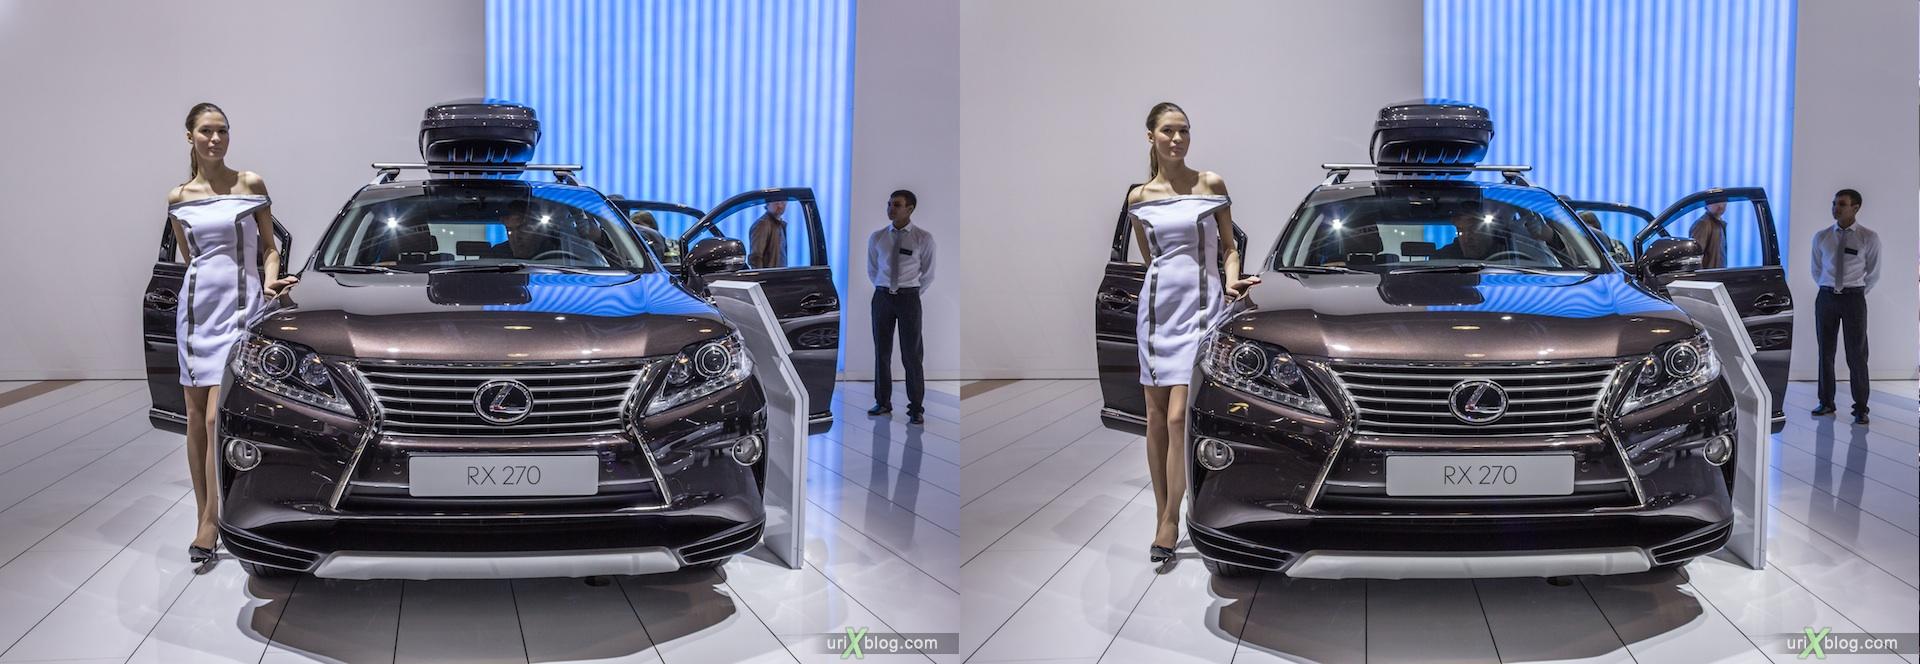 2012, Lexus RX 270, девушка, модель, girl, model, Московский международный автомобильный салон, ММАС, Крокус Экспо, 3D, стерео, стереопара